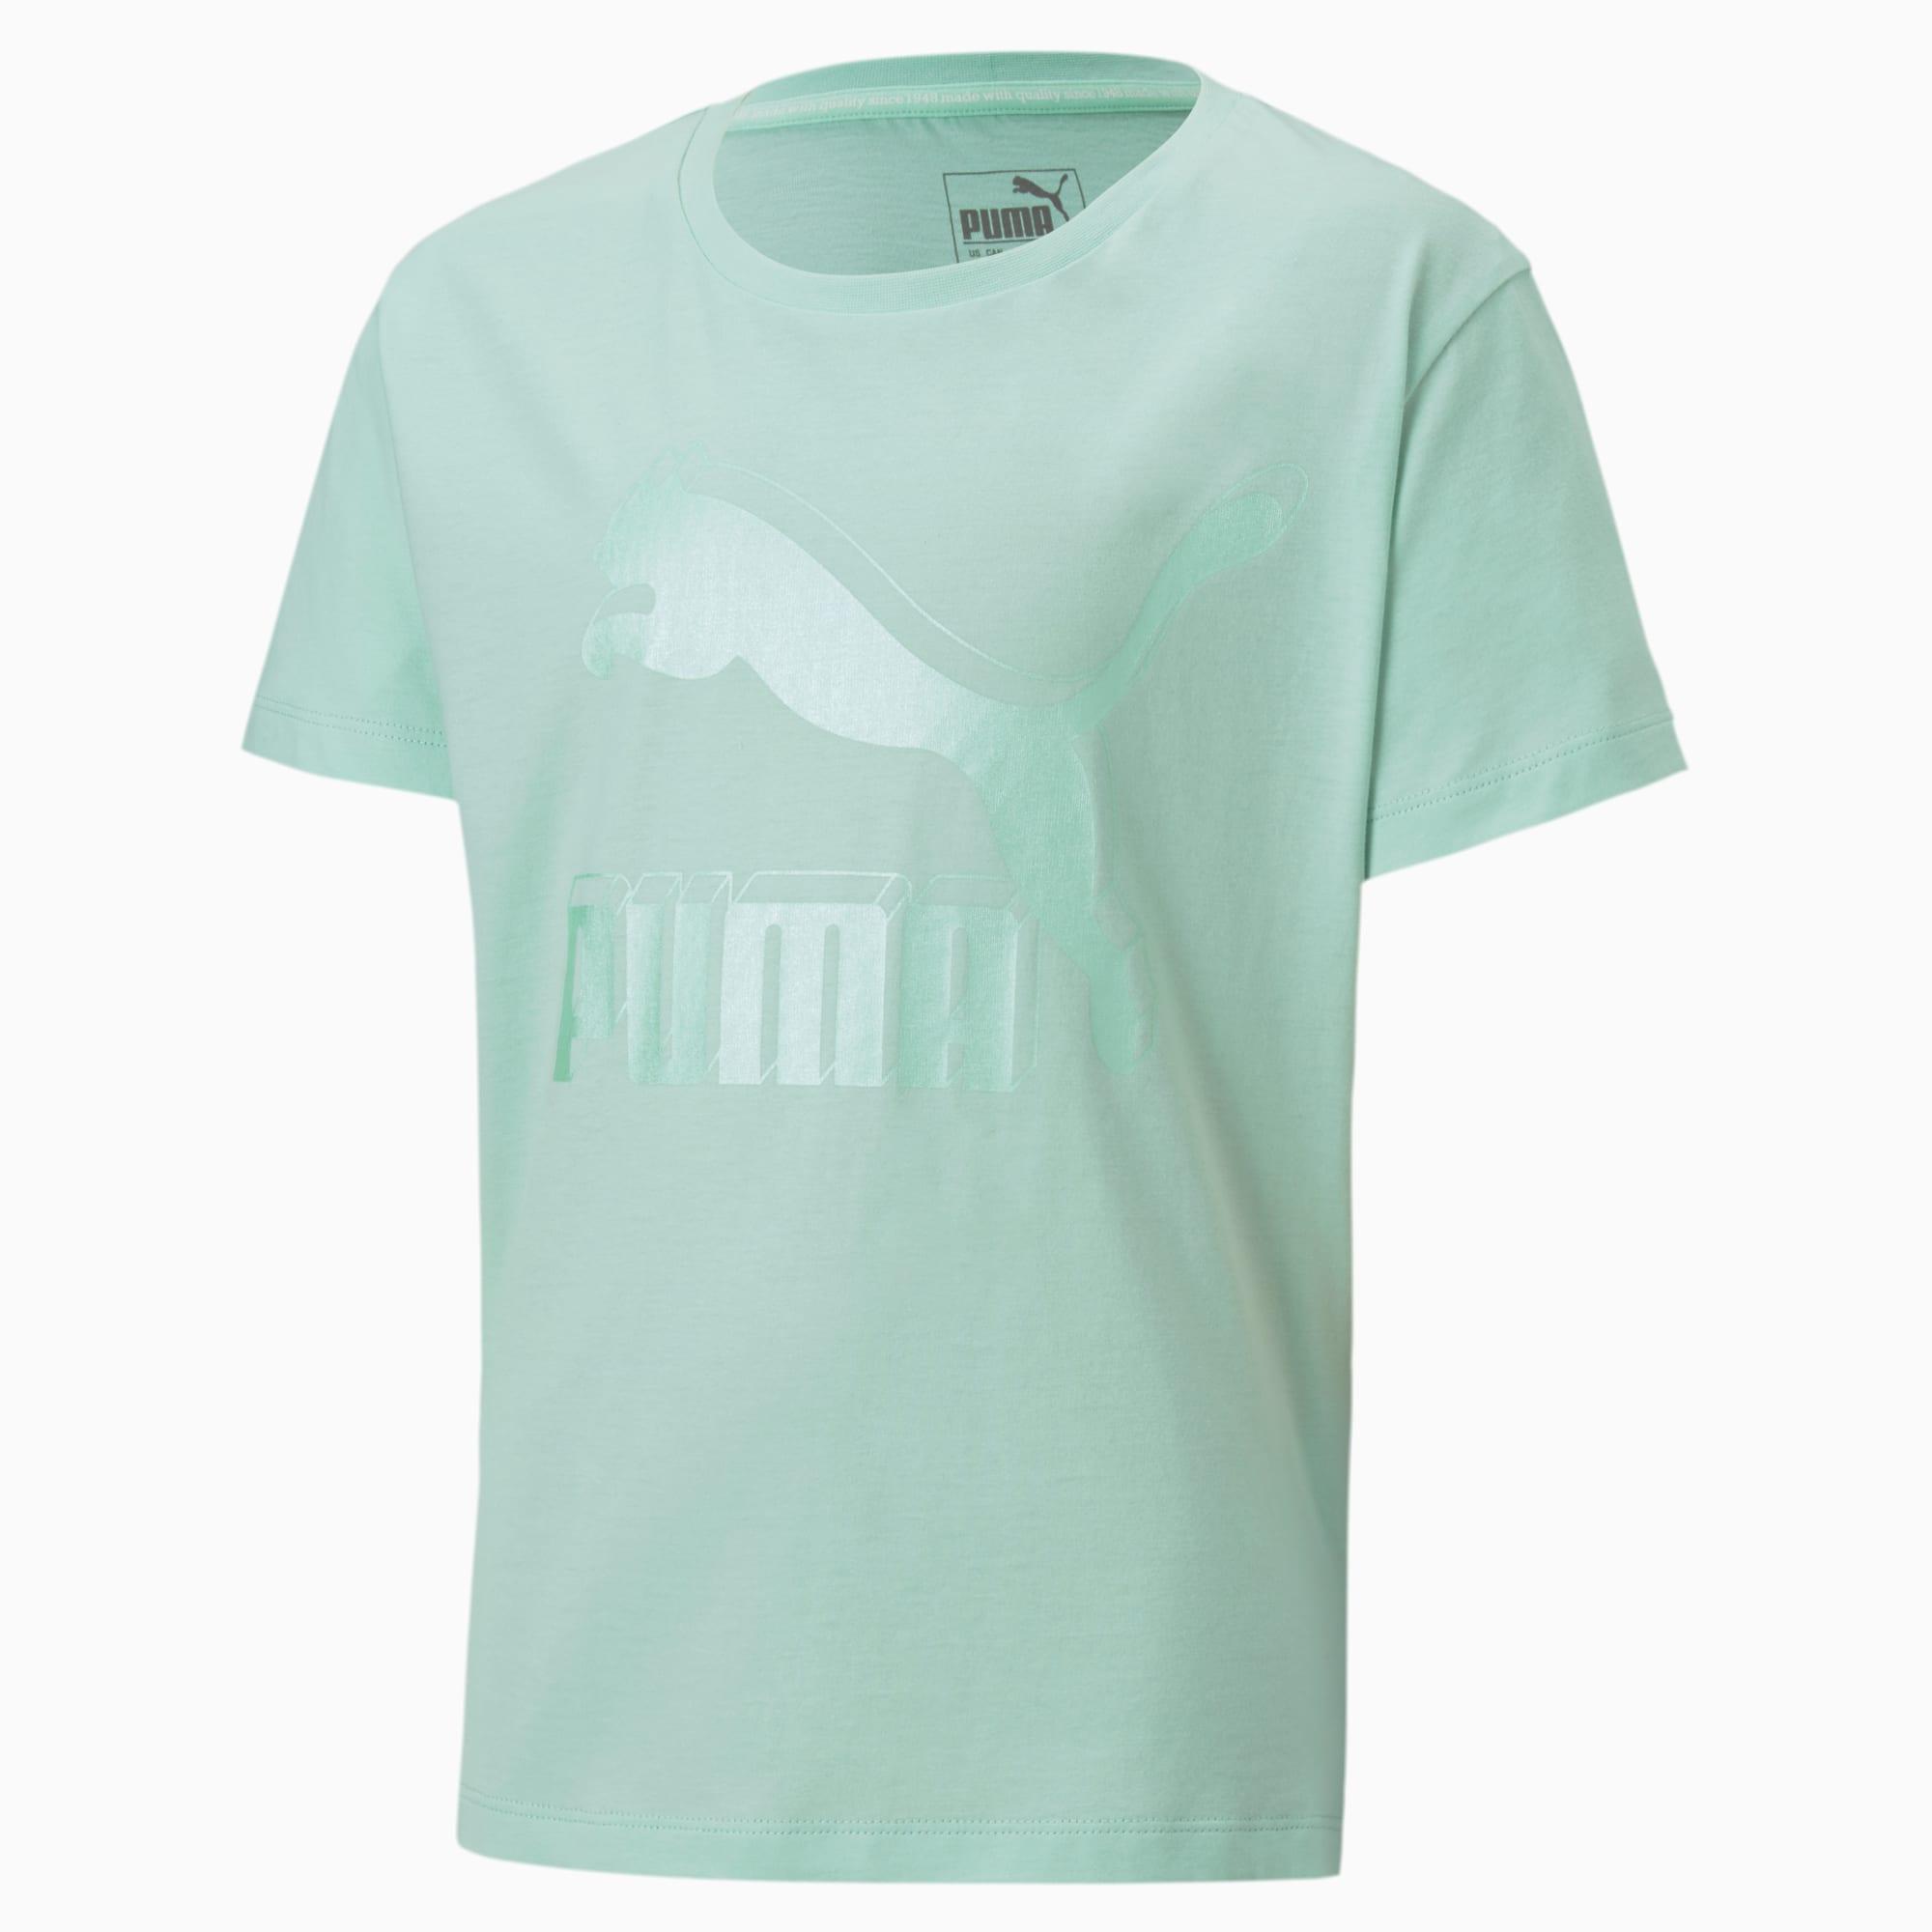 PUMA T-Shirt Classics Graphic pour fille, Vert, Taille 116, Vêtements